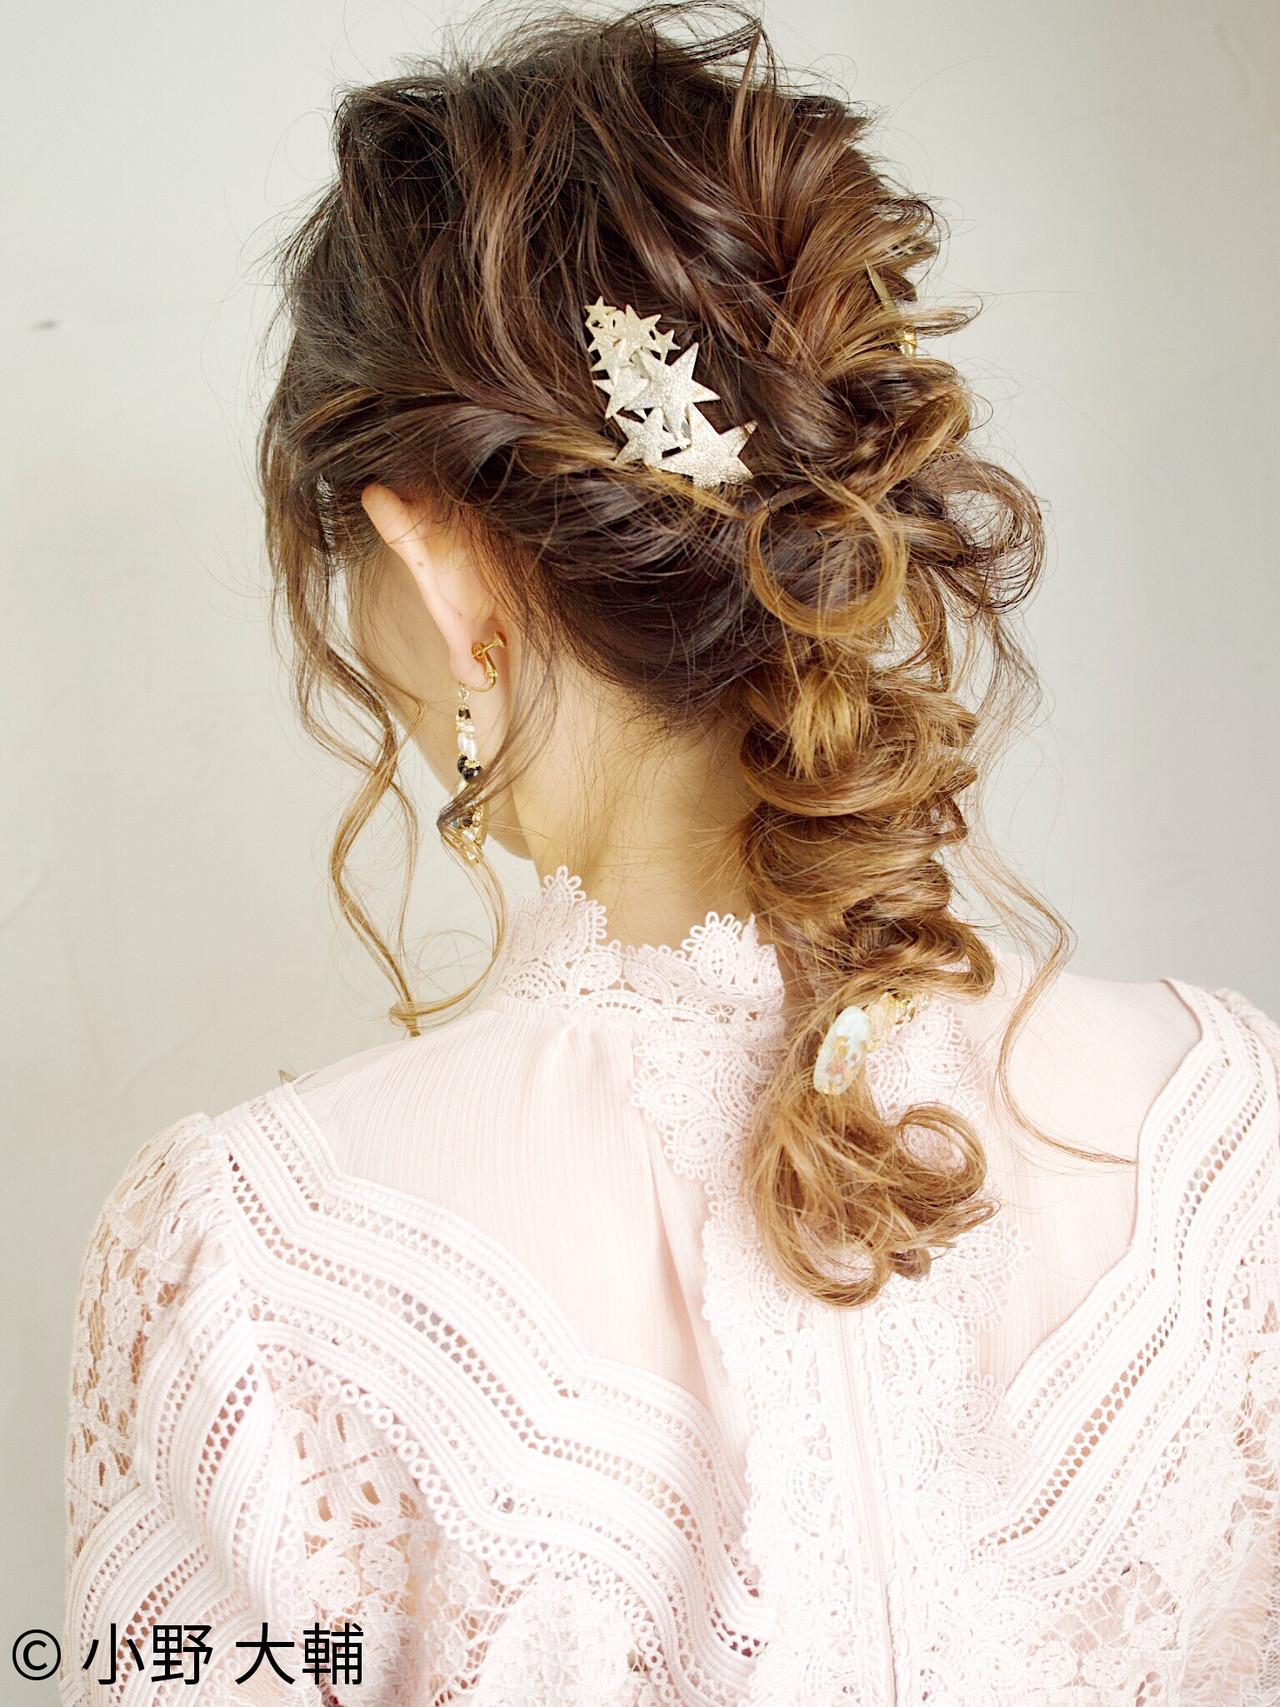 編みおろしヘア 簡単ヘアアレンジ ヘアアレンジ 編みおろしヘアスタイルや髪型の写真・画像